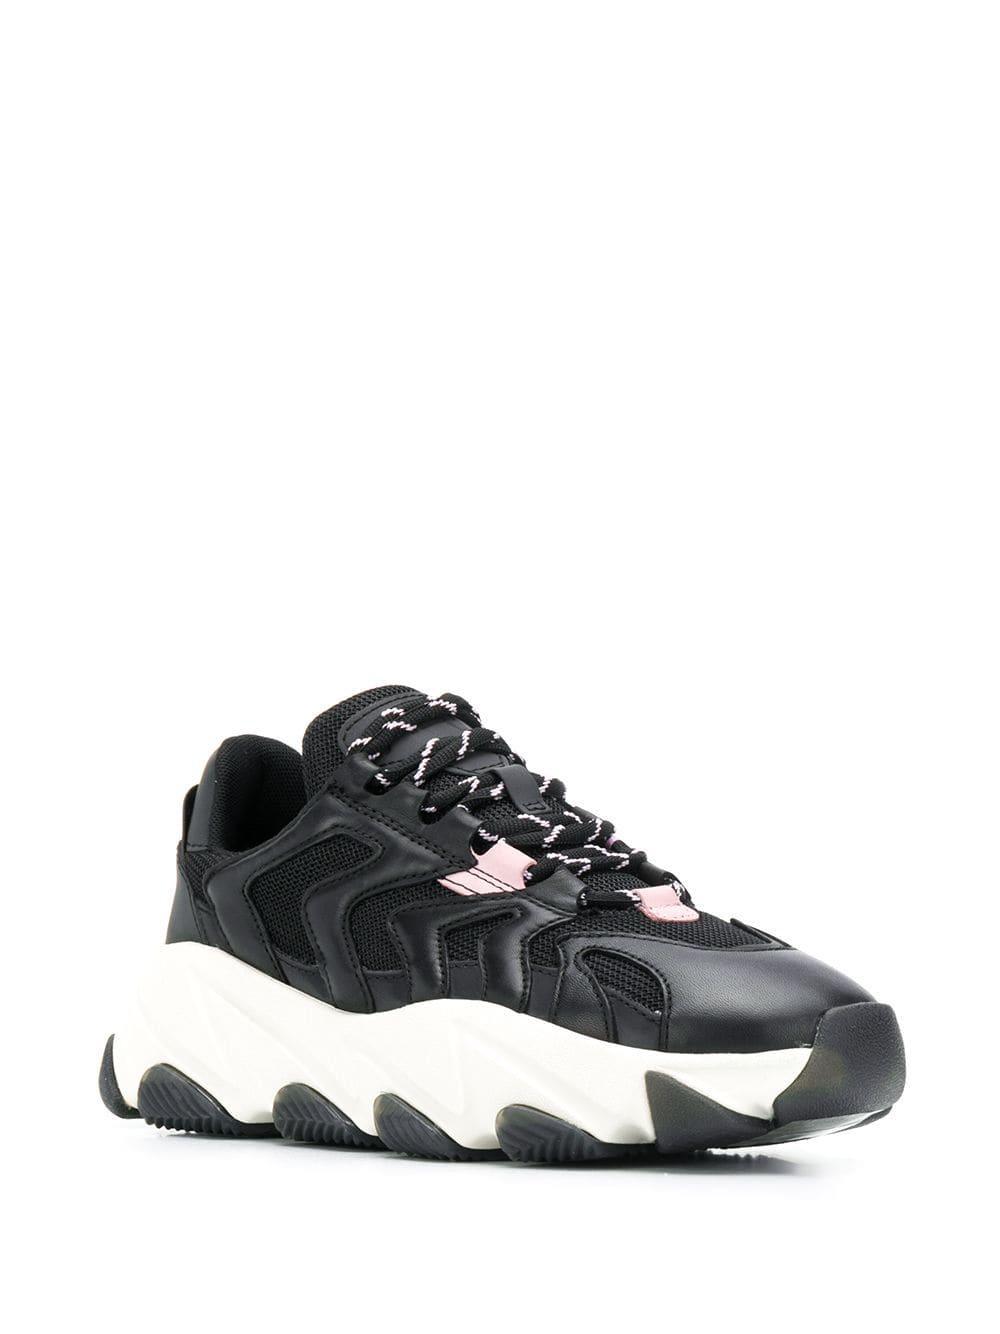 Zapatillas Extreme Ash de Caucho de color Negro